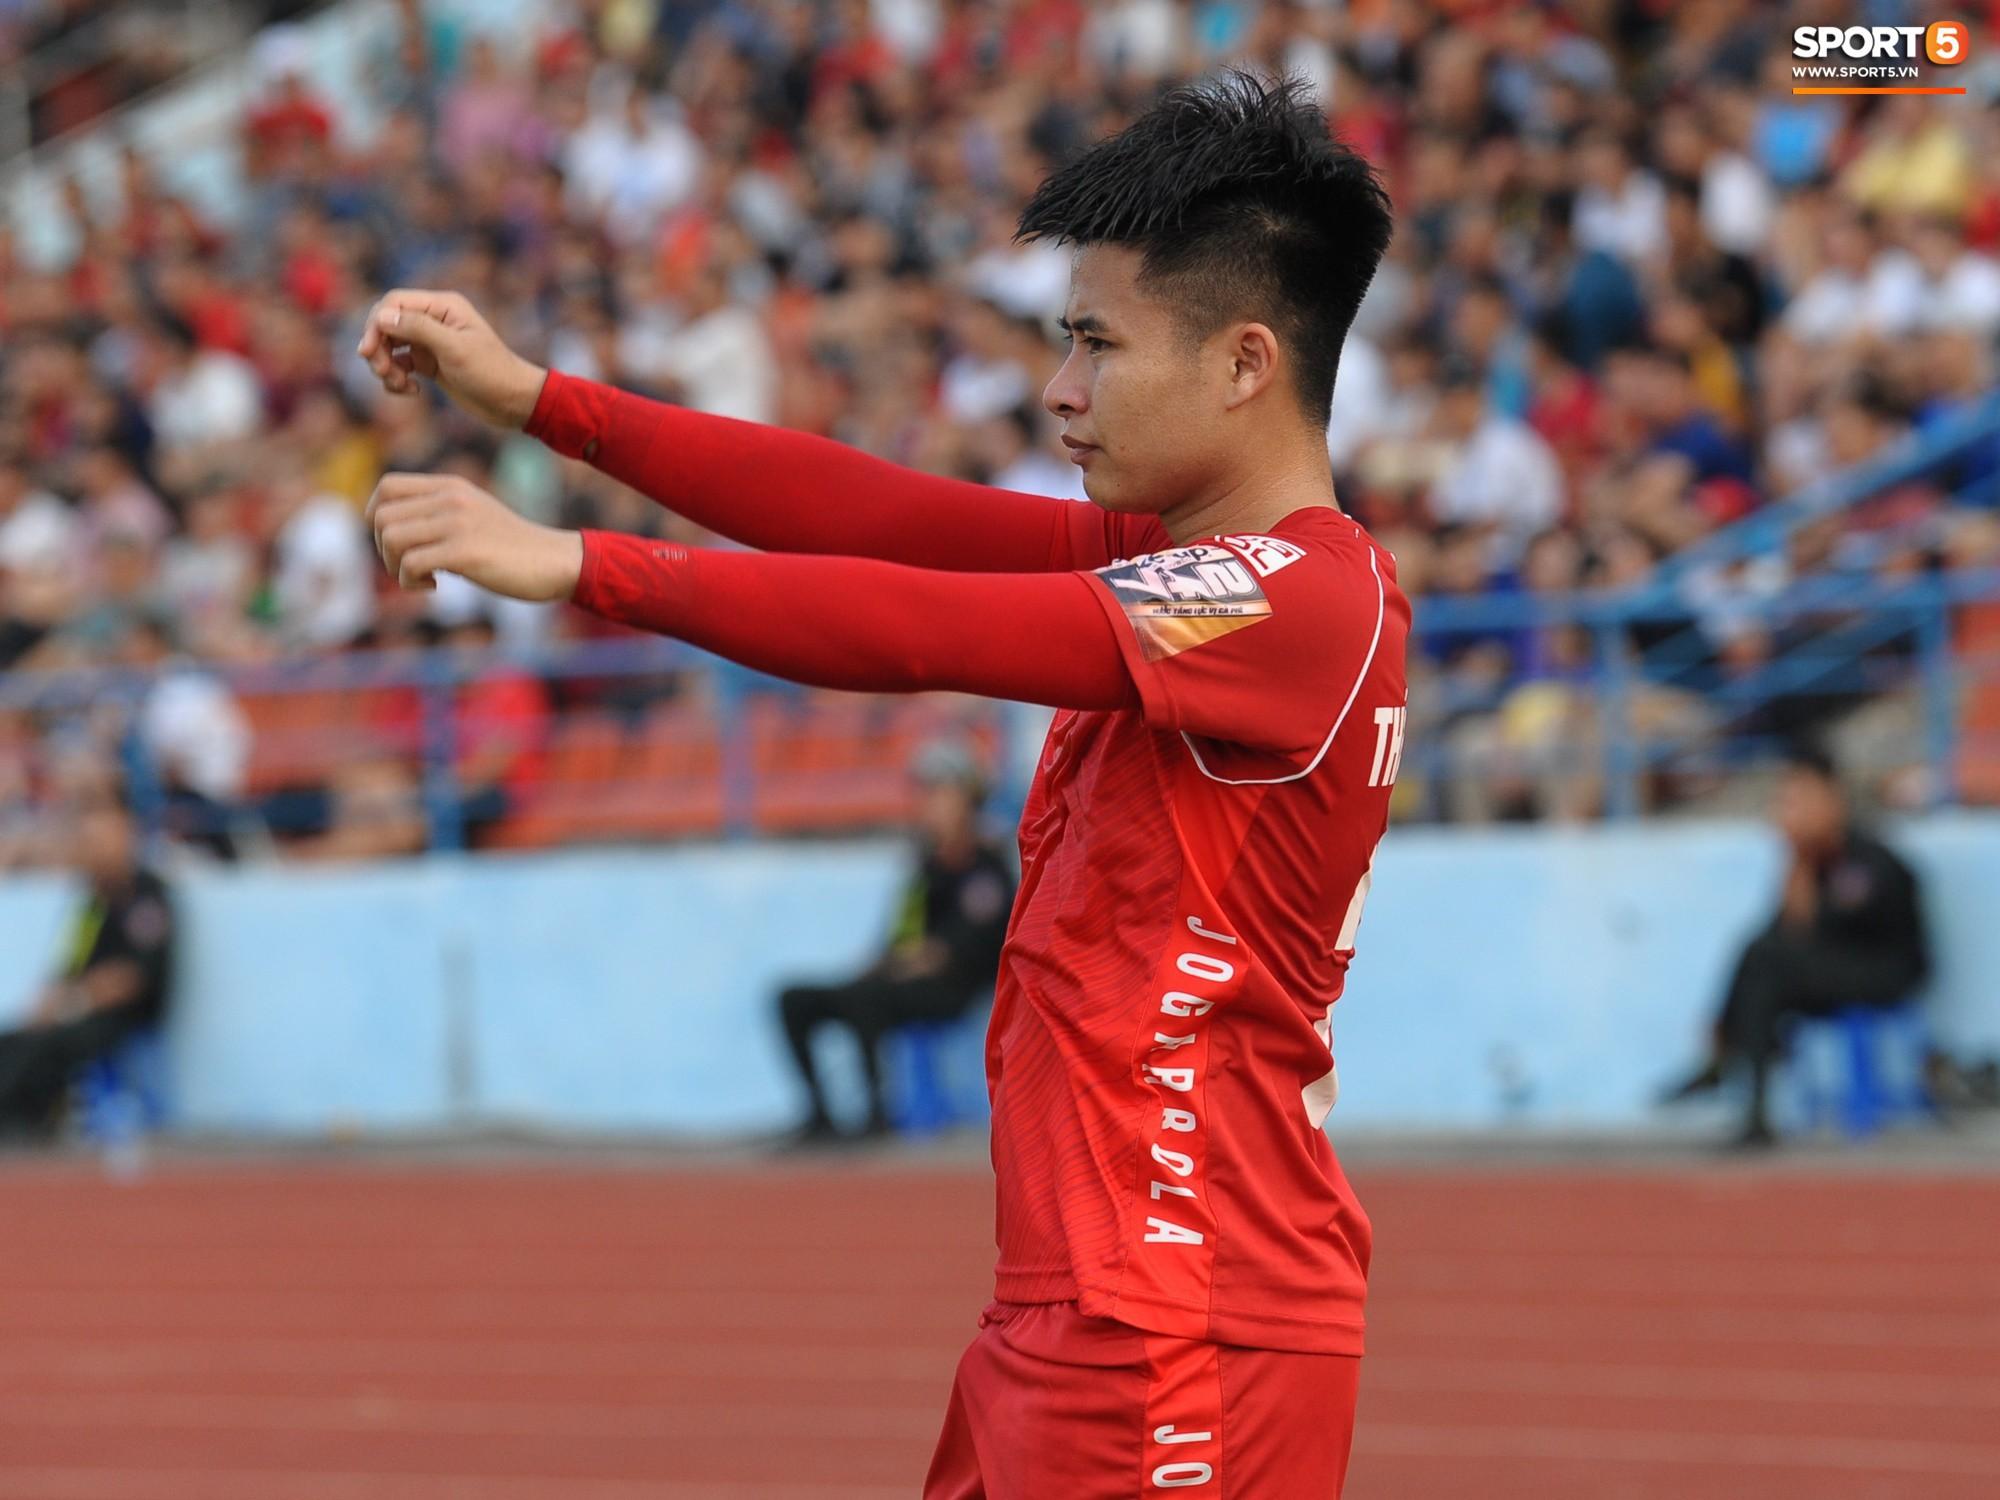 Hành động đẹp của cầu thủ Hải Phòng trong trận cầu nảy lửa với Thanh Hoá - Ảnh 6.